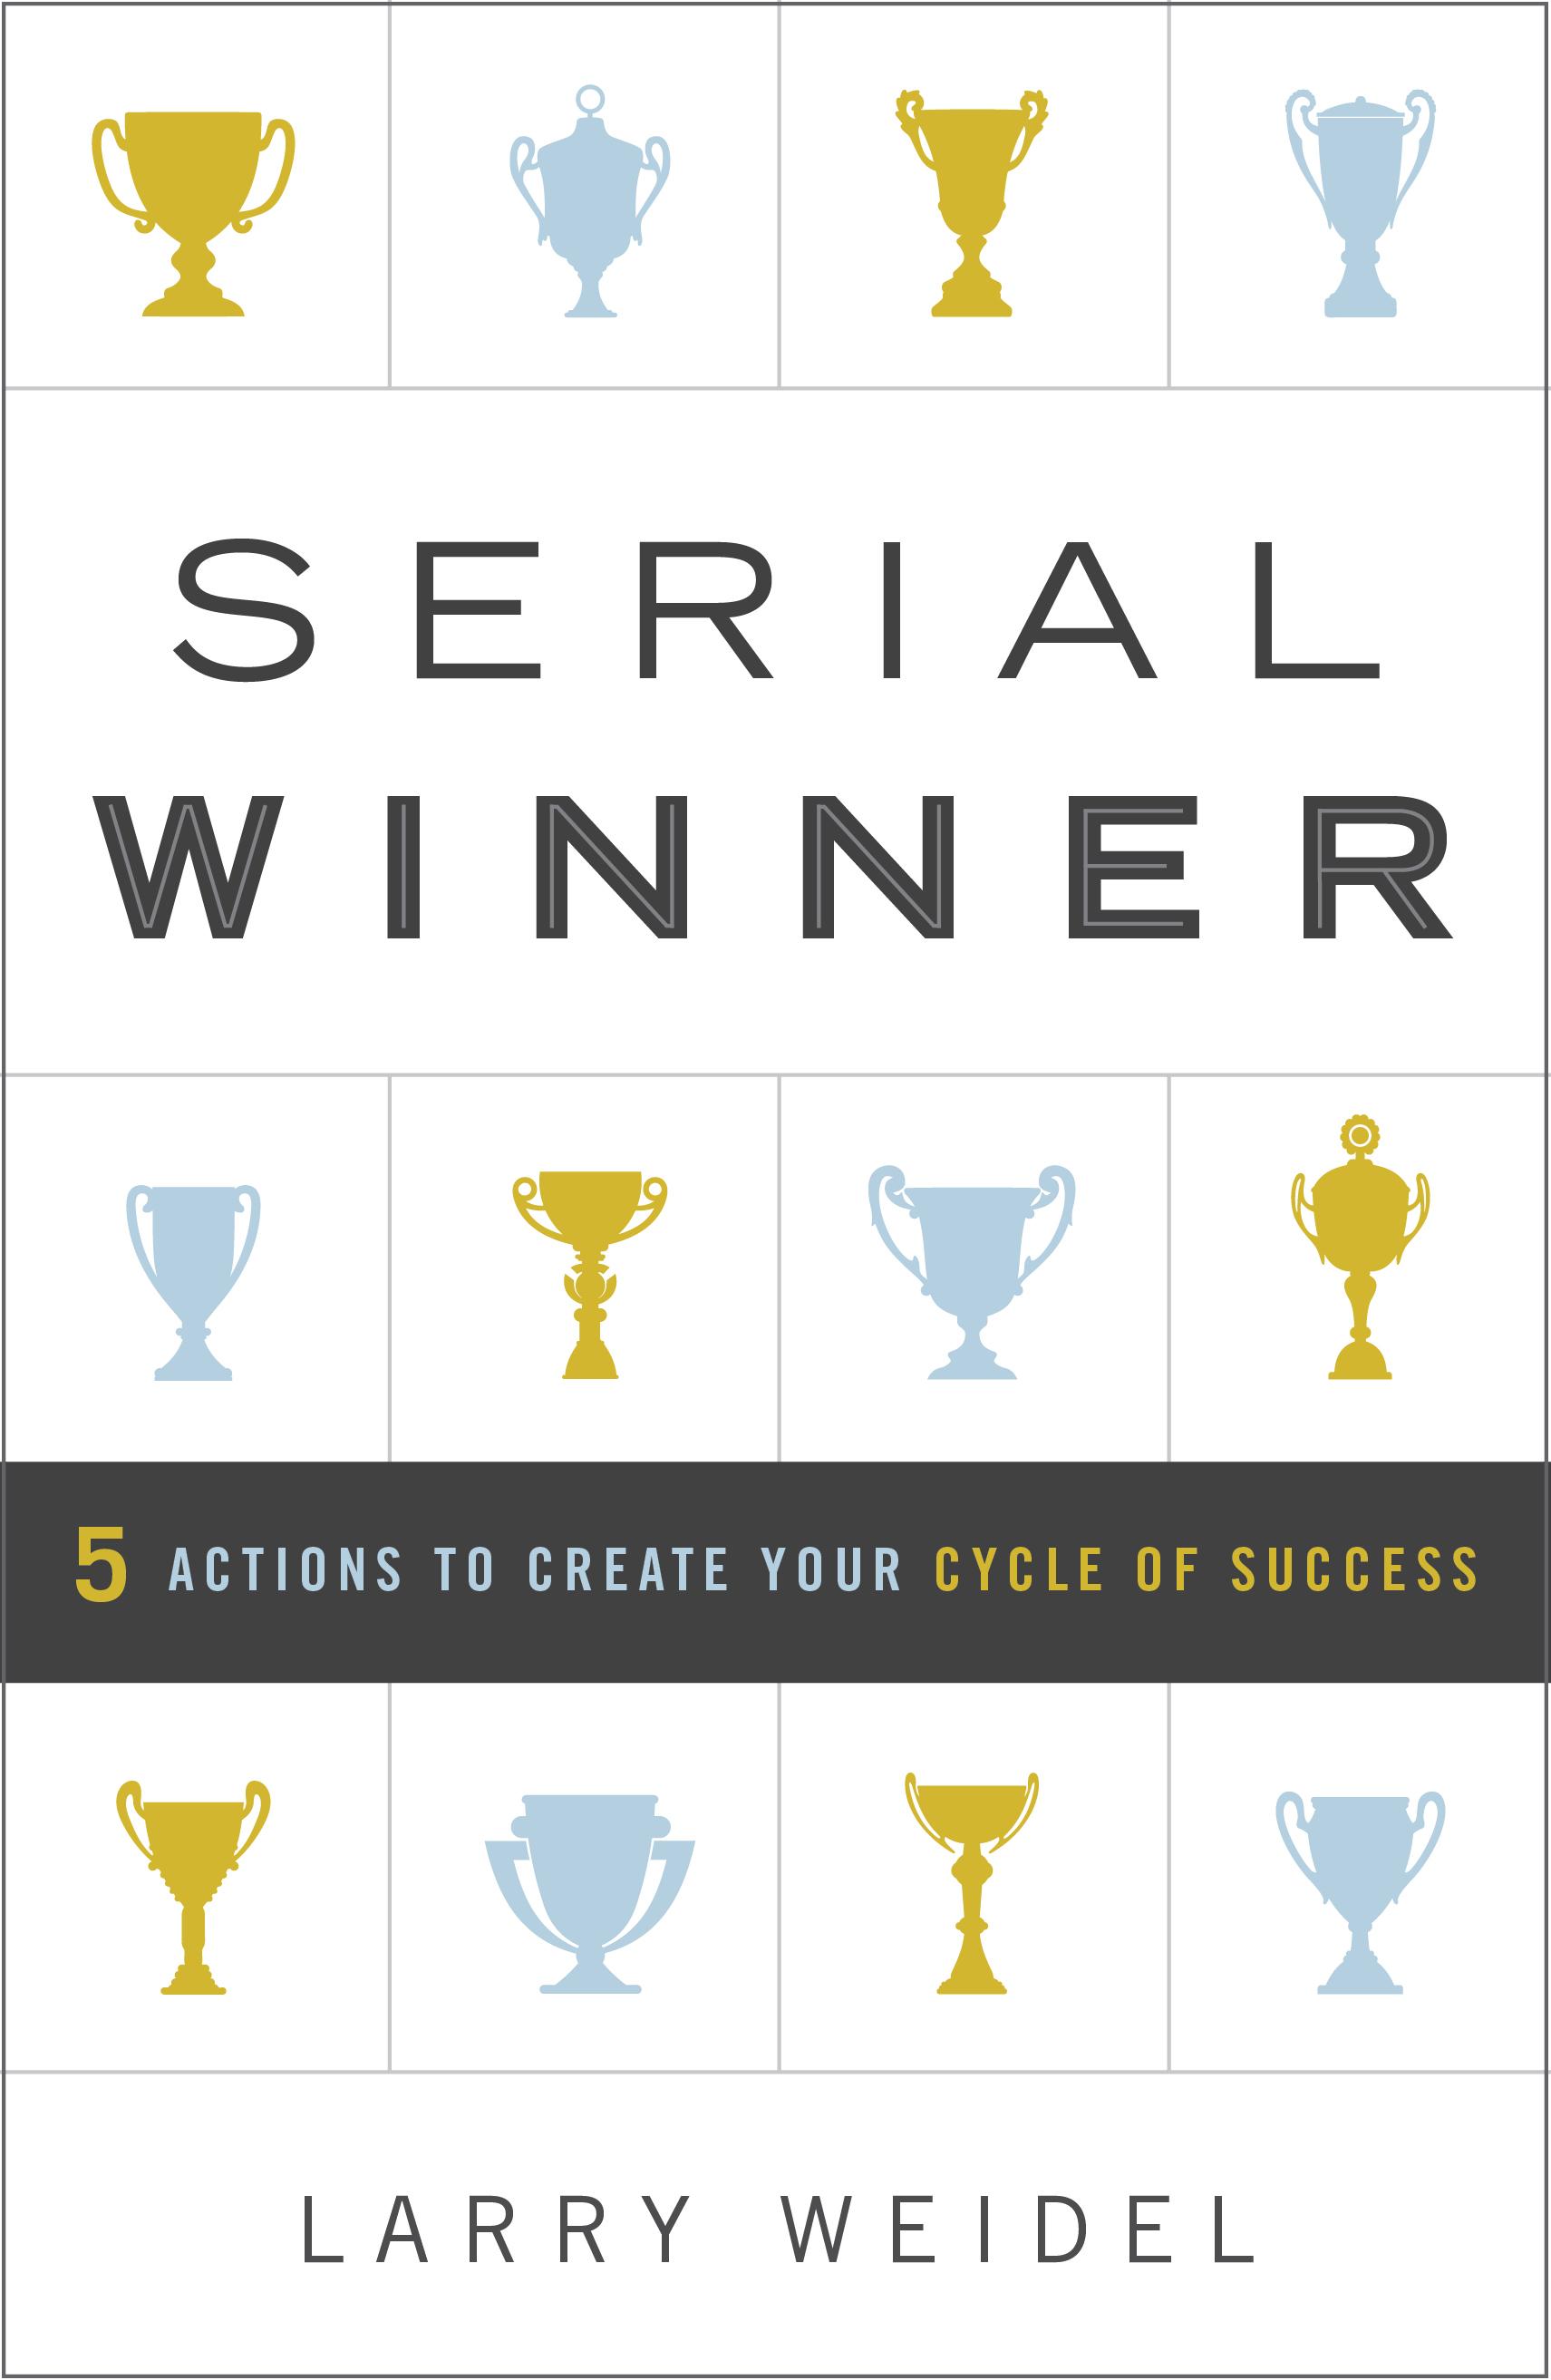 Serial Winner book cover